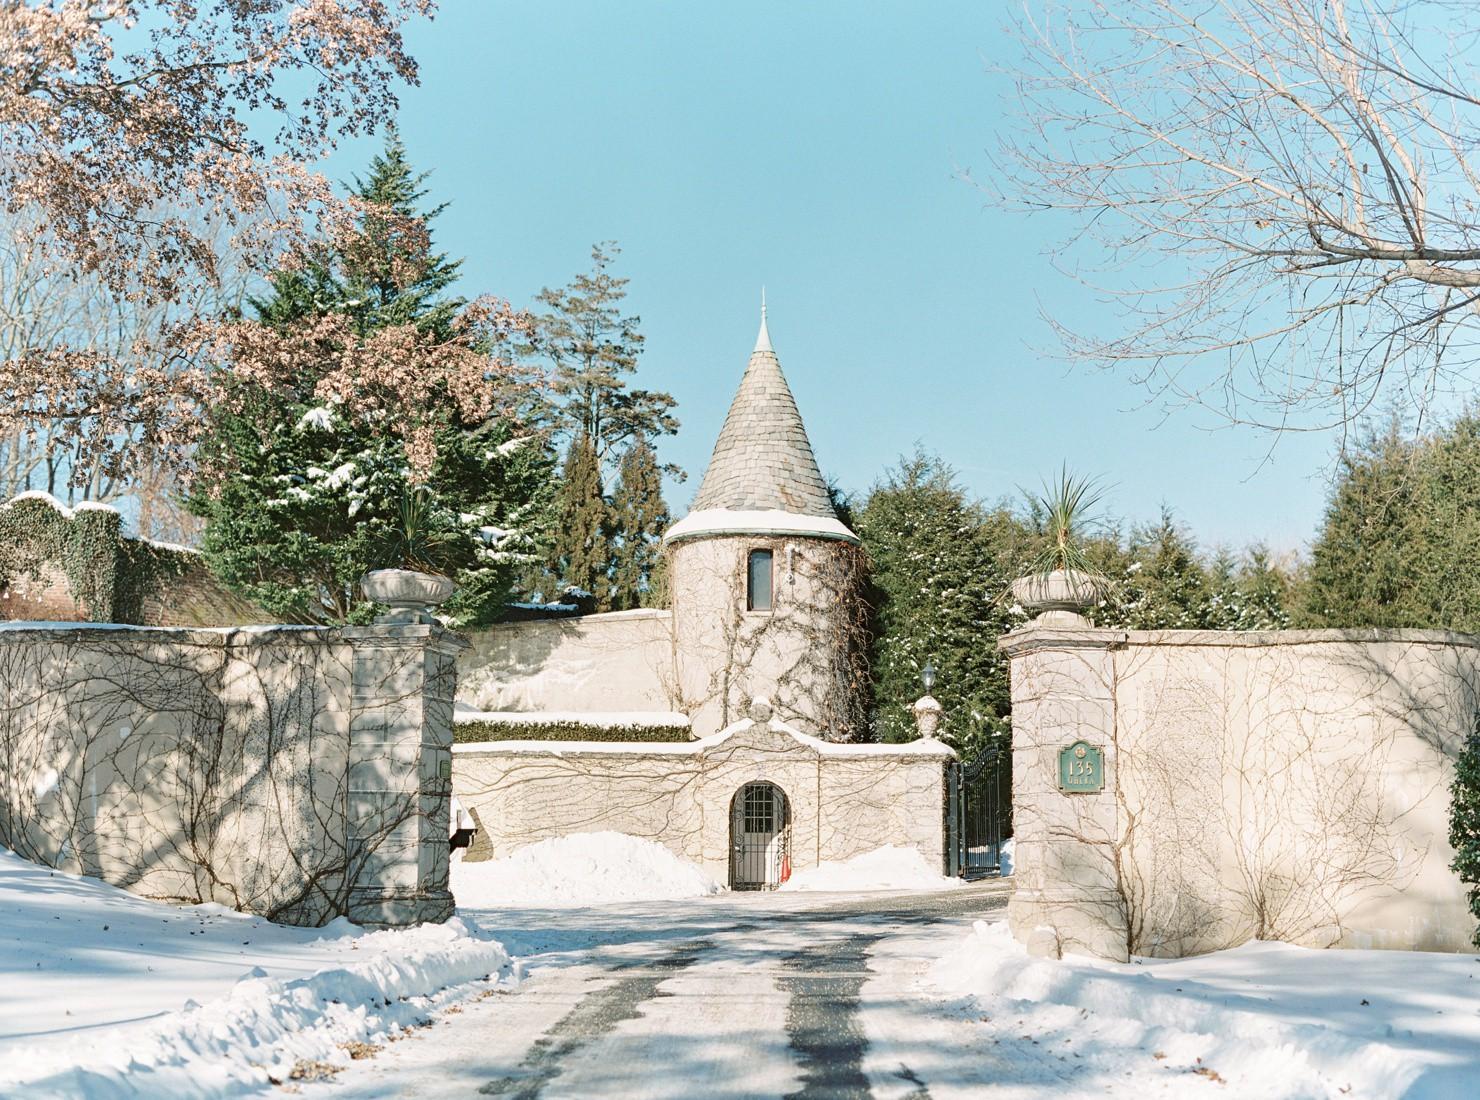 4 sự thật về toà lâu đài mà chỉ giới nhà giàu ở Mỹ mới dám thuê tổ chức đám cưới, Taylor Swfit là ngôi sao hiếm hoi từng quay MV ở đây - Ảnh 14.